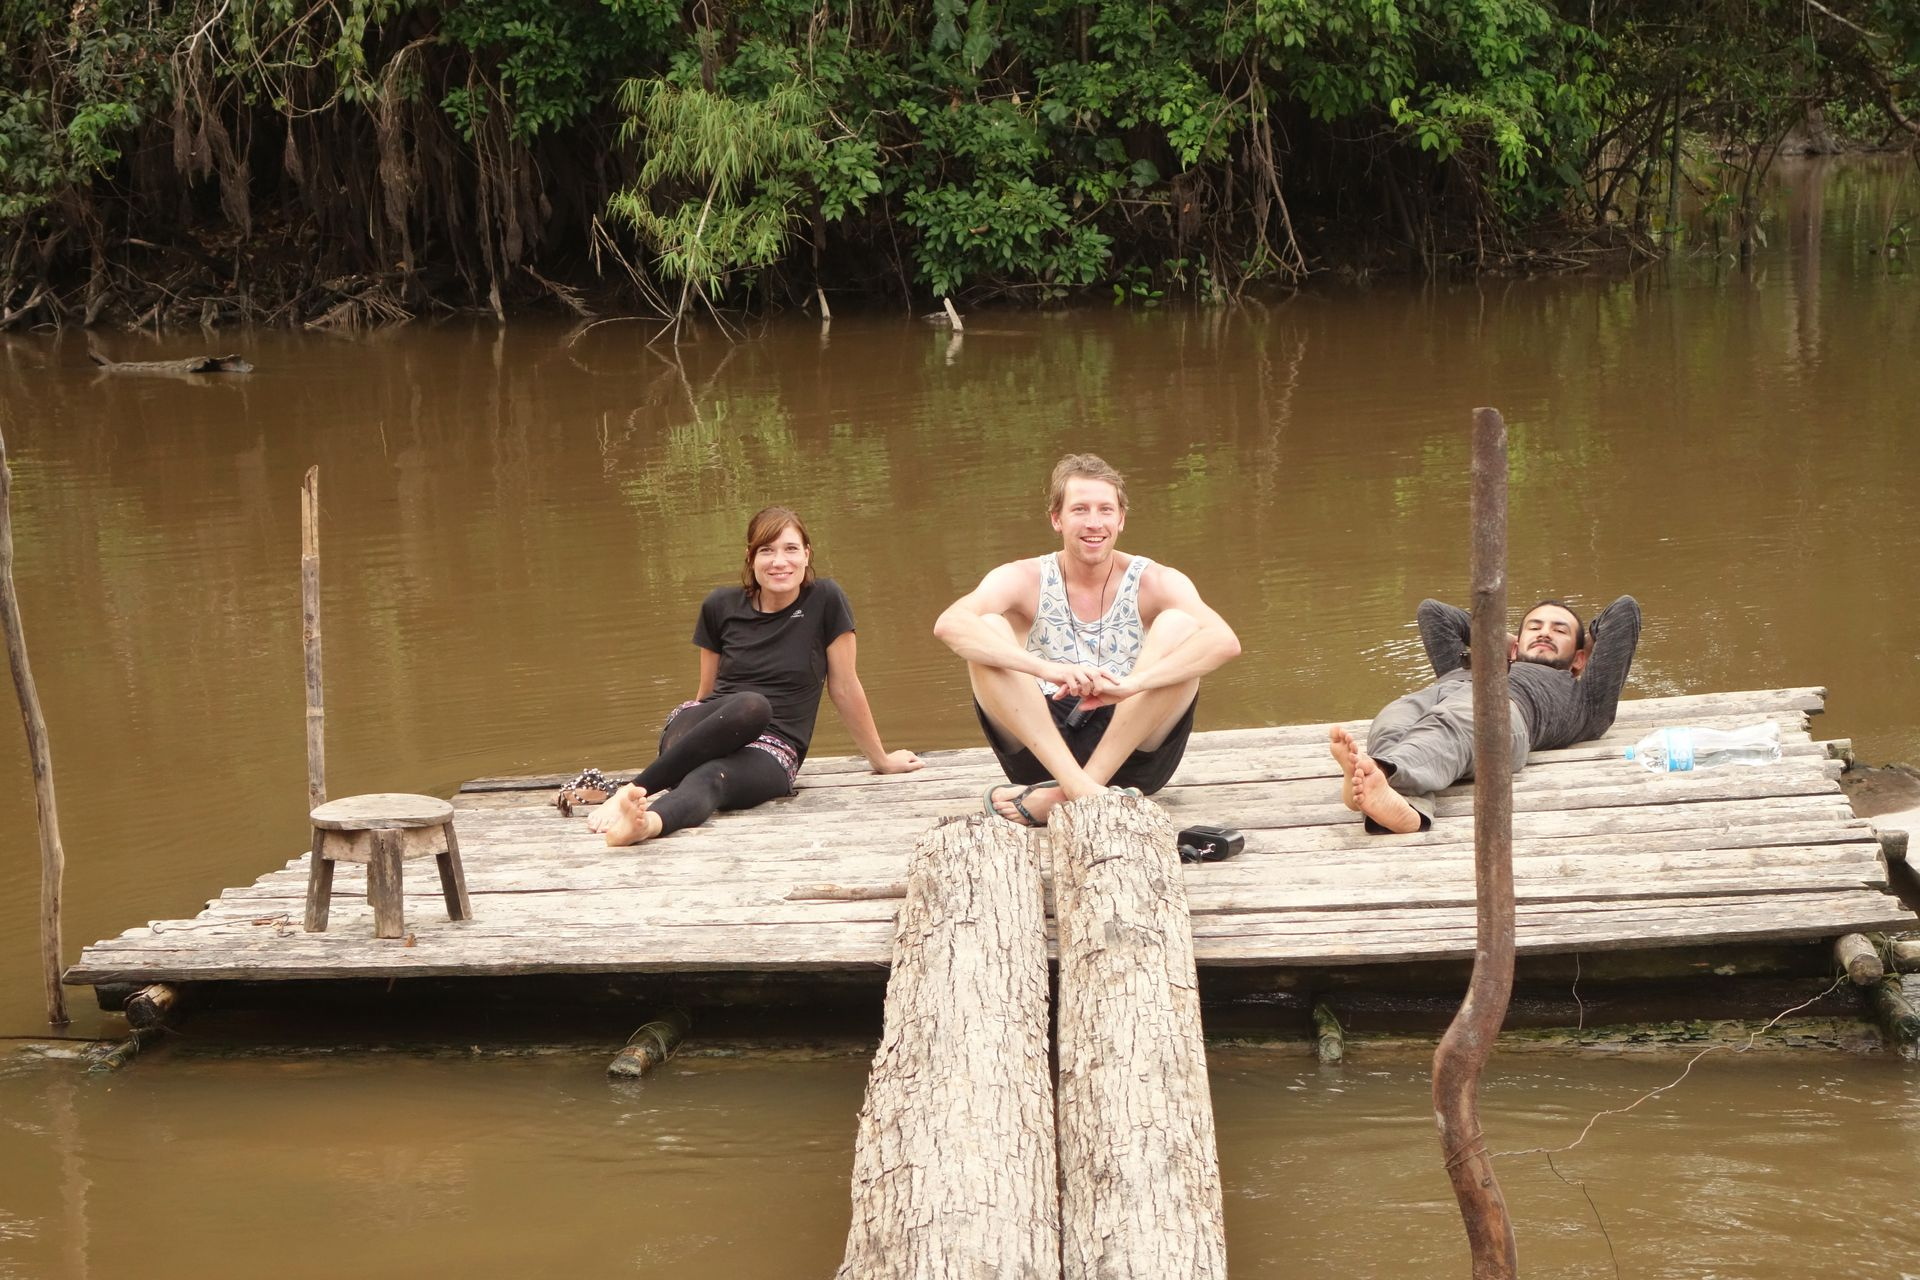 Mit nettem Steg zum entspannen. Das war meine Dschungelcrew. Raphaela und Roberto.